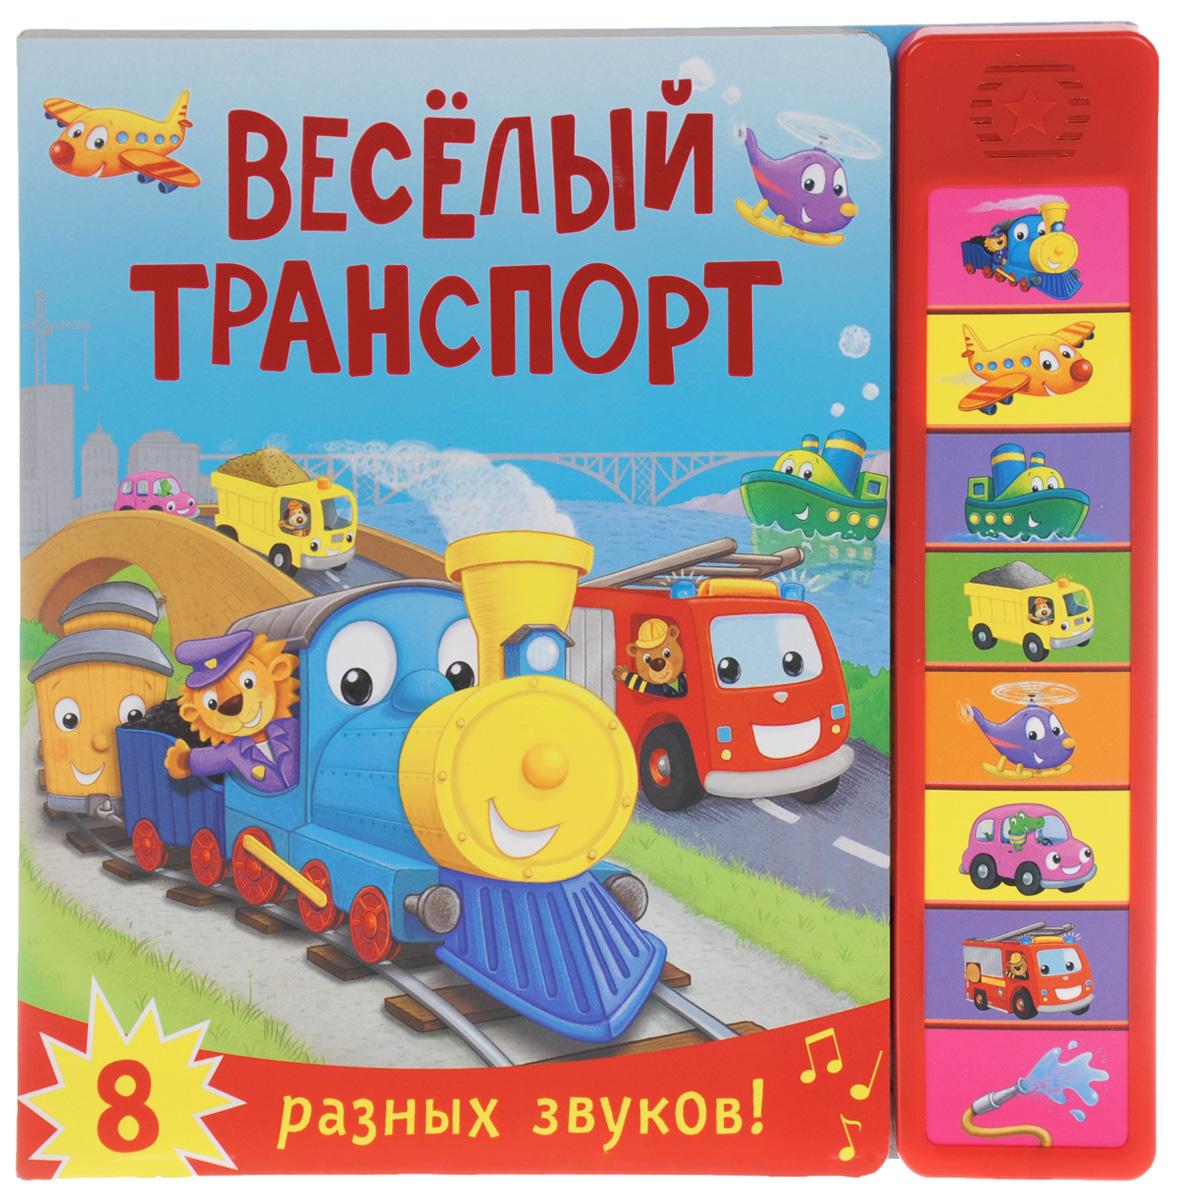 Веселый транспорт. Книжка игрушка